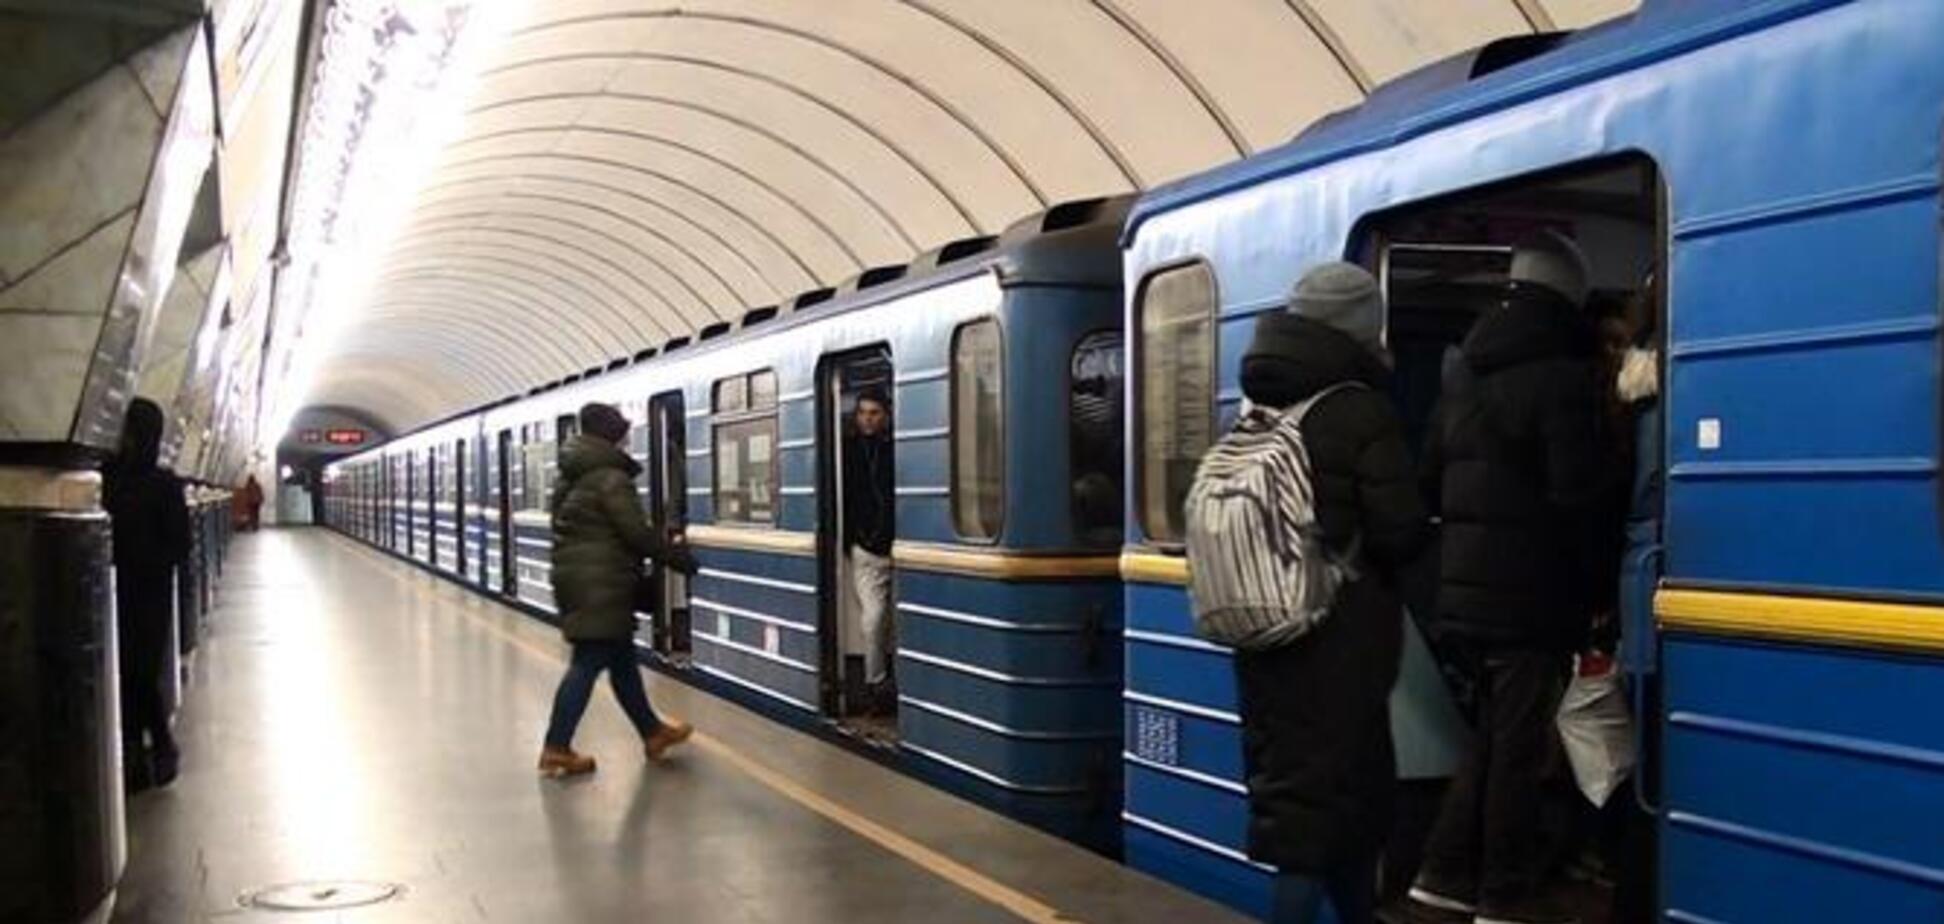 В метро Киева на глазах у матери чуть не похитили ребенка